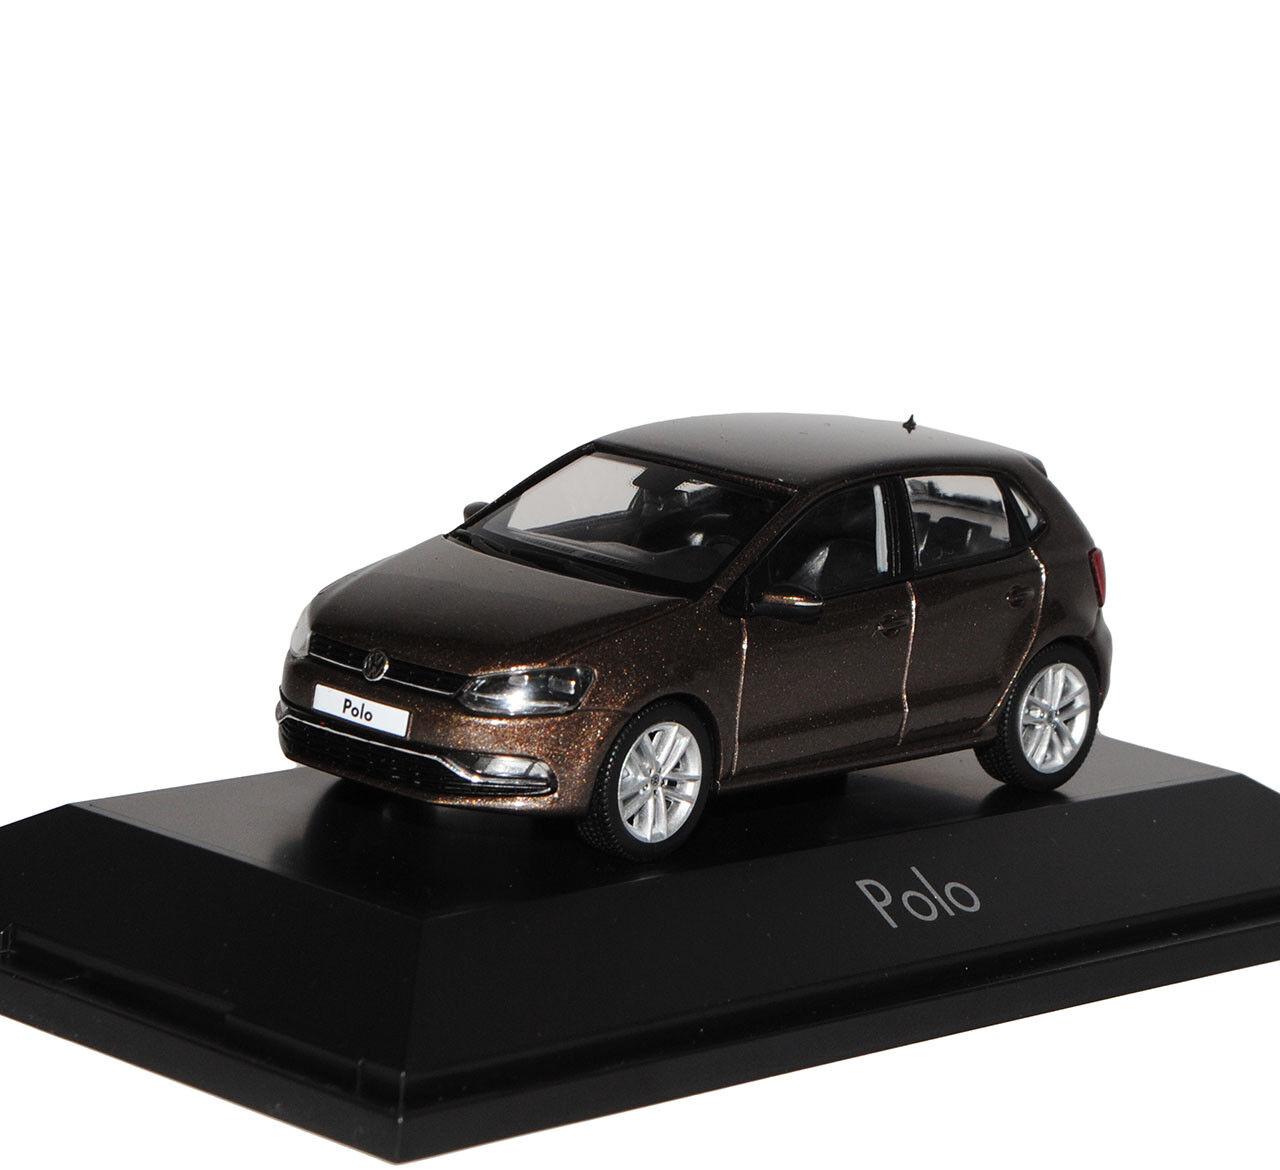 VW Volkswagen Polo marron 5 Türer Modell Ab 2009 2009 2009 Ab Facelift 2014 V Typ 6C 1 43.. 35a4dc